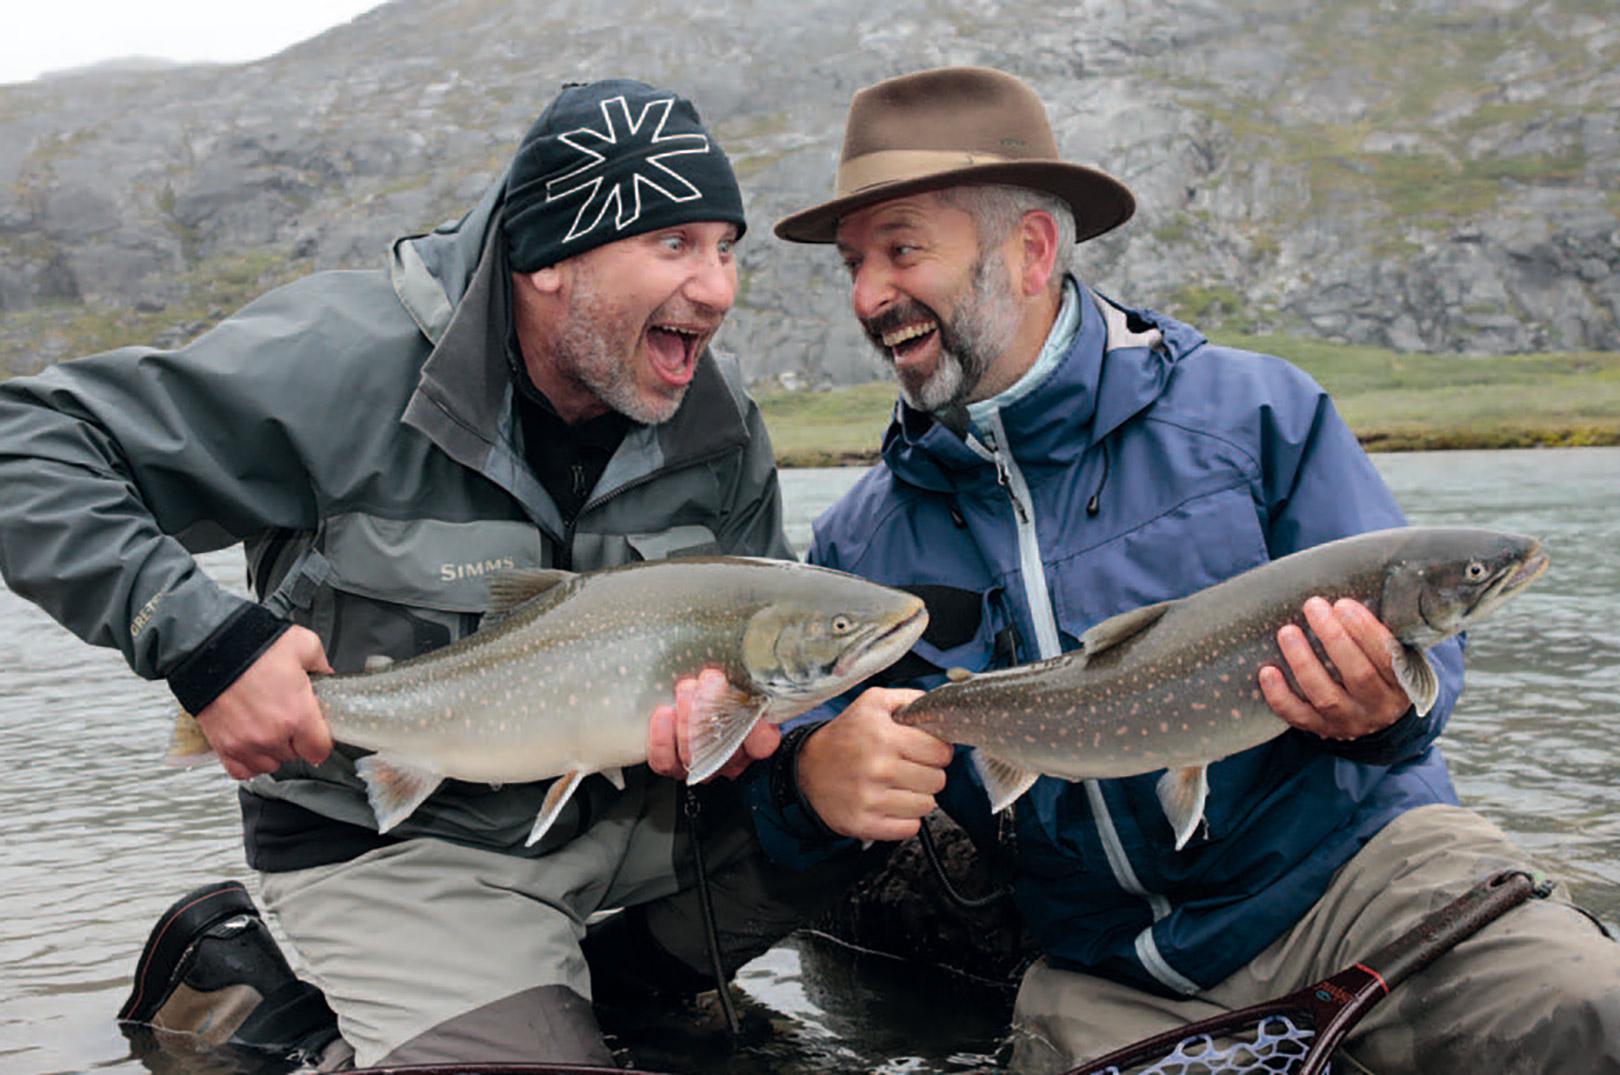 På fisketur med gutterne når det er bedst: Alle fanger fisk!